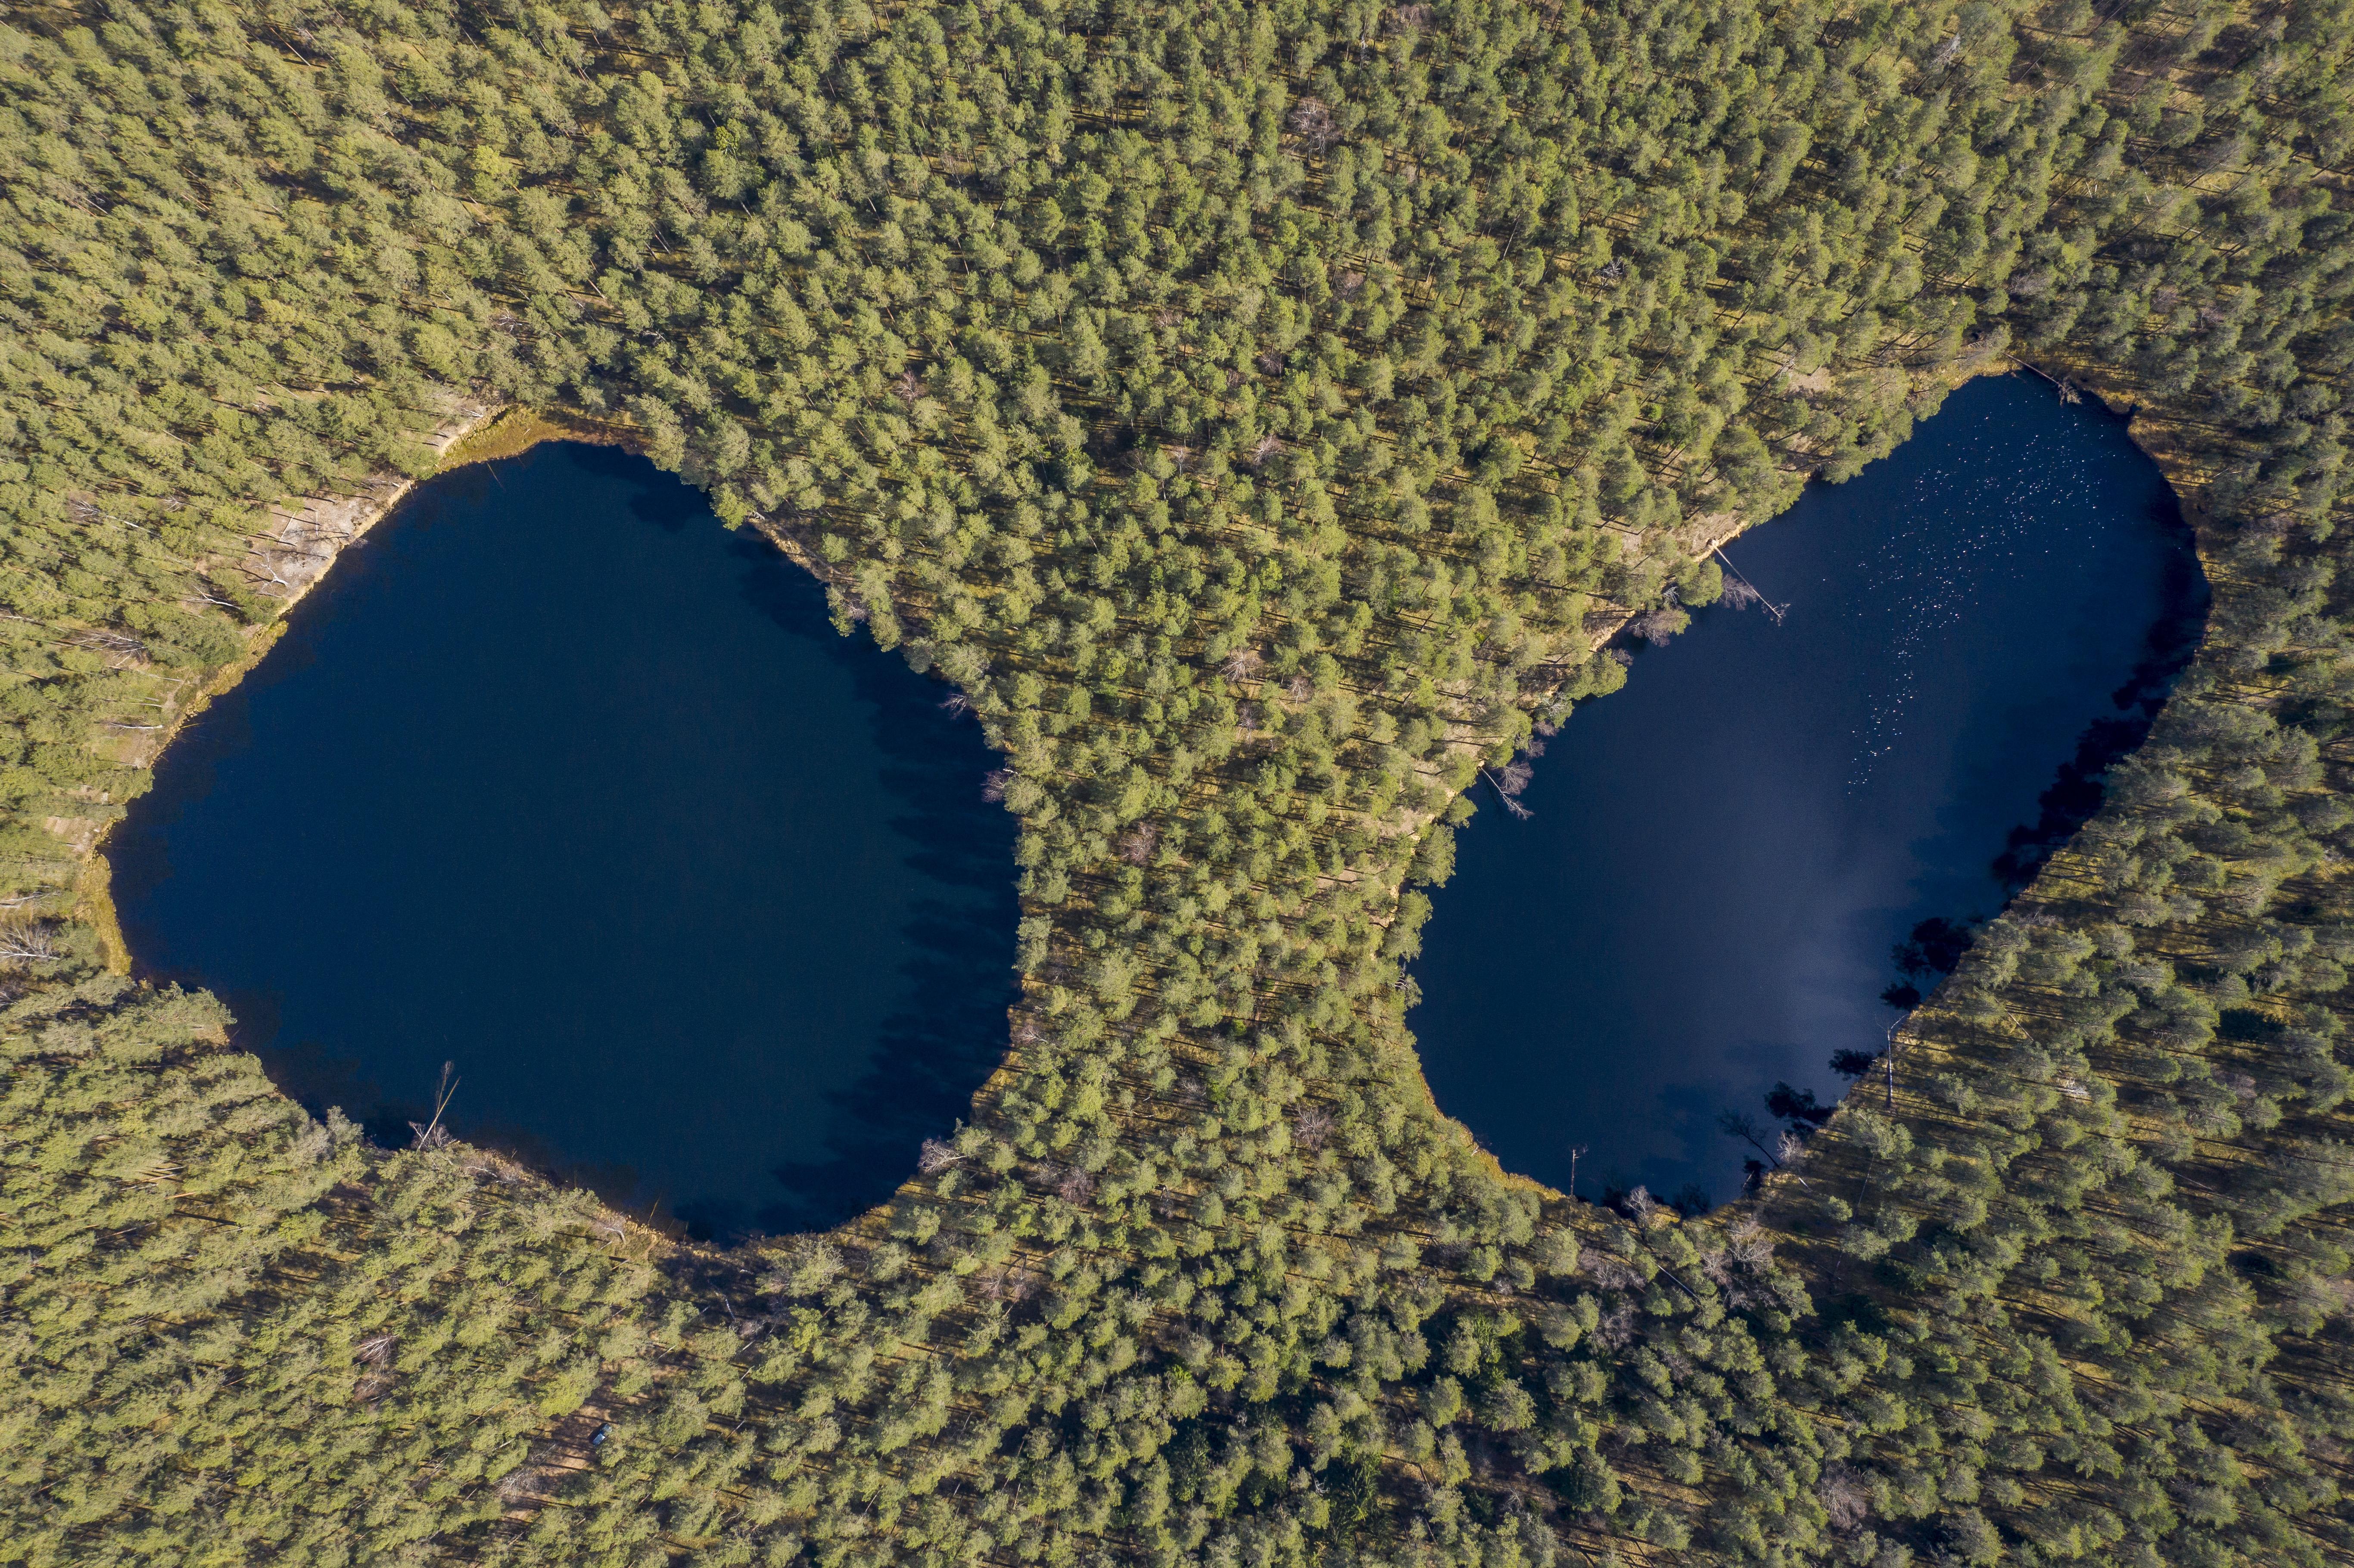 Aukštaitijoje ežerai turi akis, miškai – taip pat, o upės vingiuoja ir raitosi taip, kad baidarininkams tenka visą kelią neprarasti budrumo. Praslinkęs ledynas paežerėse paliko daugybę kopagūbrių, o vienas šykštus miškininkas, gailėjęs kirsti savą mišką ir pavedęs tai verčiau daryti kitoms girininkijoms, davė pradžią rezervatui ir išsaugojo vieną iš nedaugelio Lietuvos sengirių.